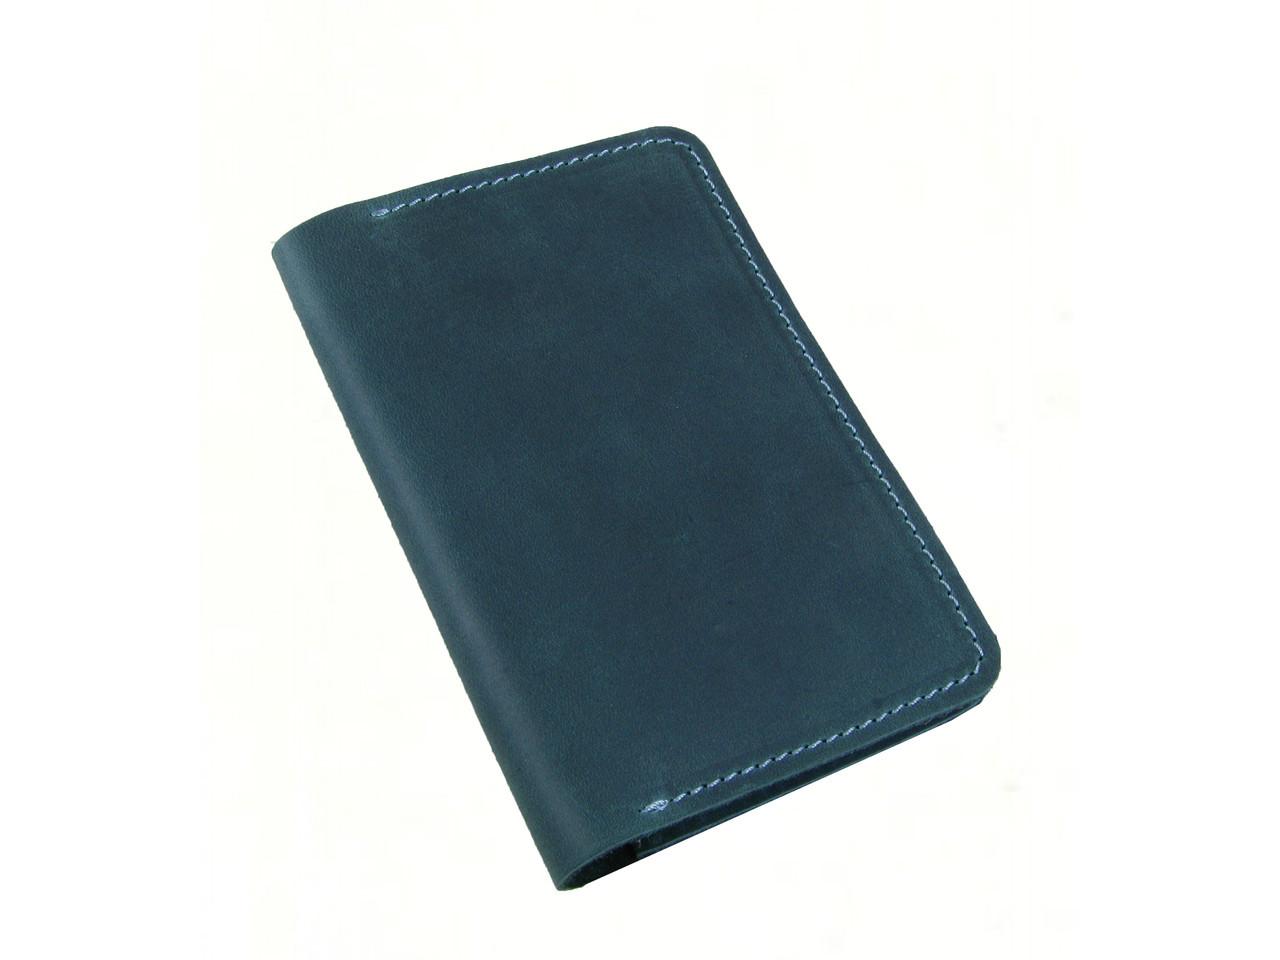 Обложка для паспорта GS кожаная зеленая